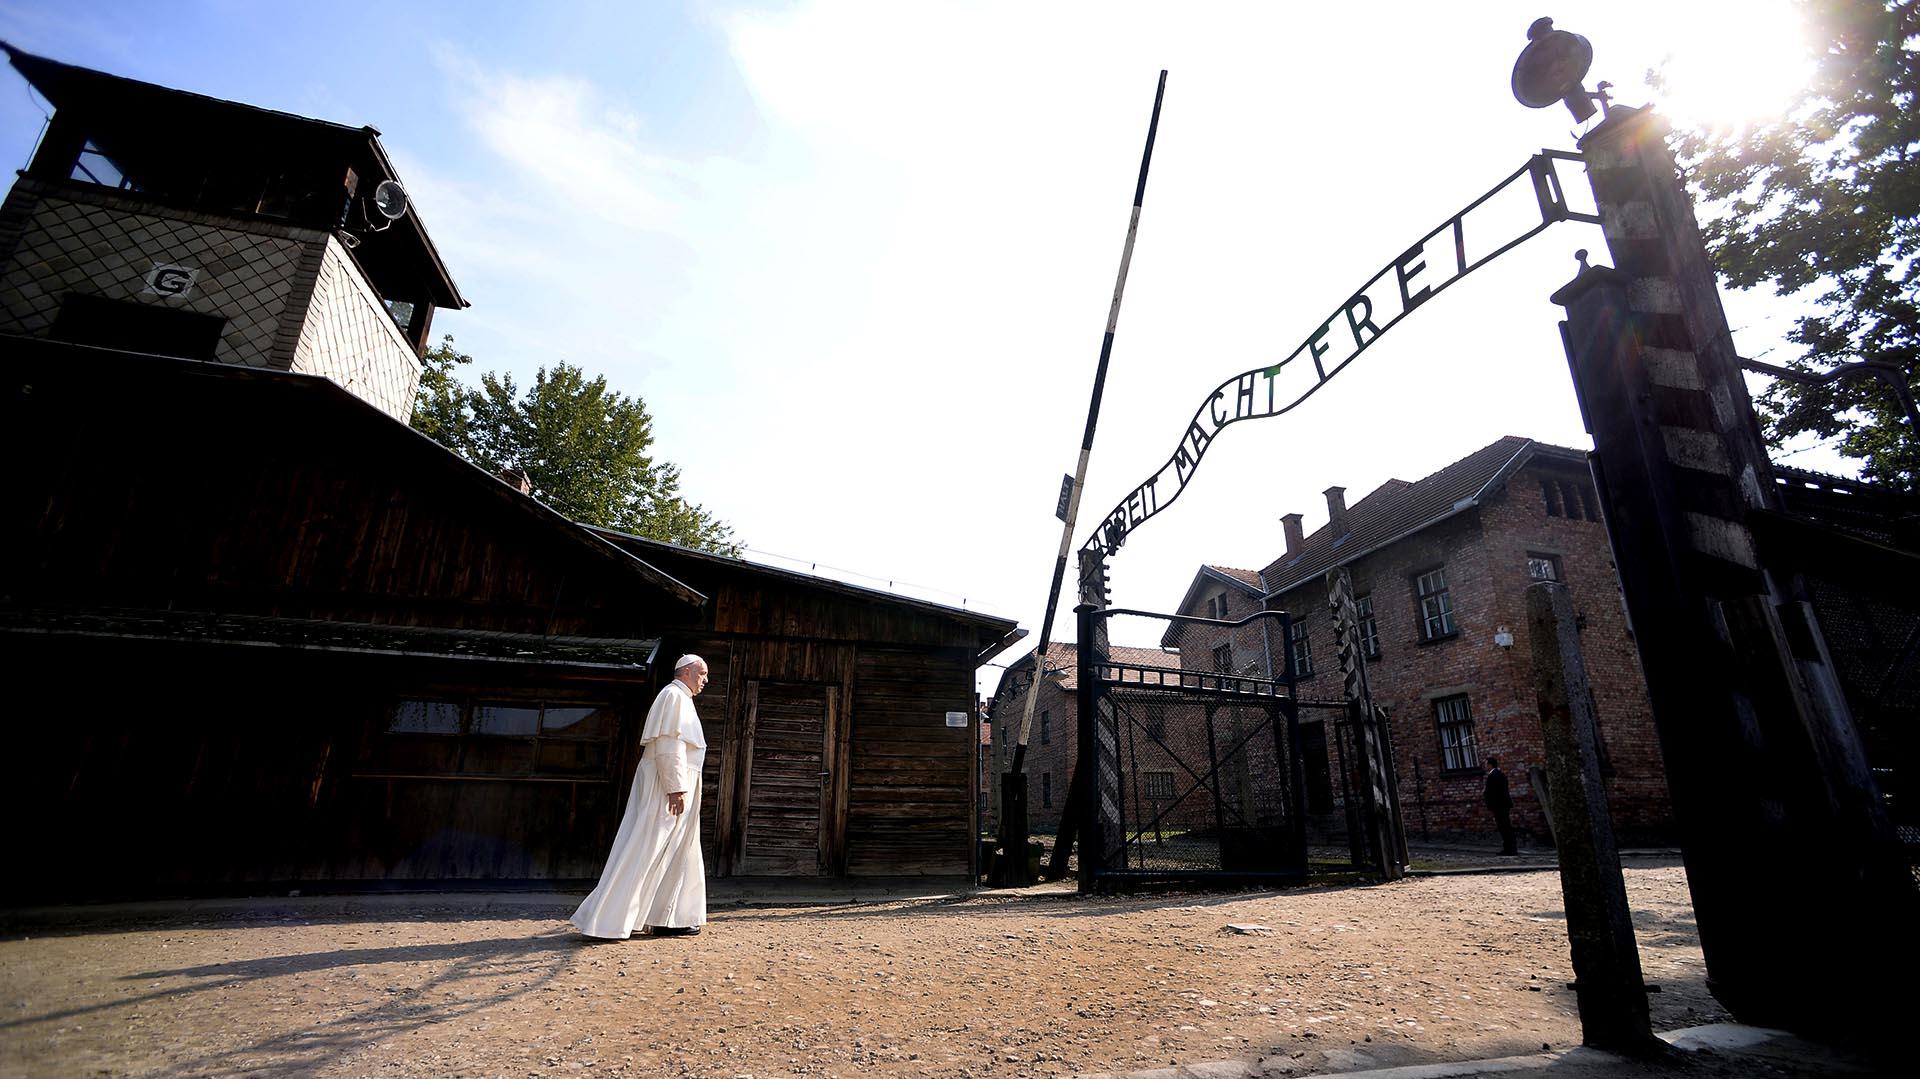 """El papa Francisco llegó al campo de concentración nazi de Auschwitz y atravesó su entrada bajo la inscripción en hierro forjado """"Arbeit macht frei"""" (El trabajo os hace libres) para comenzar su recorrido silencioso por el lugar donde fueron exterminadas más de un millón de personas (REUTERS)"""